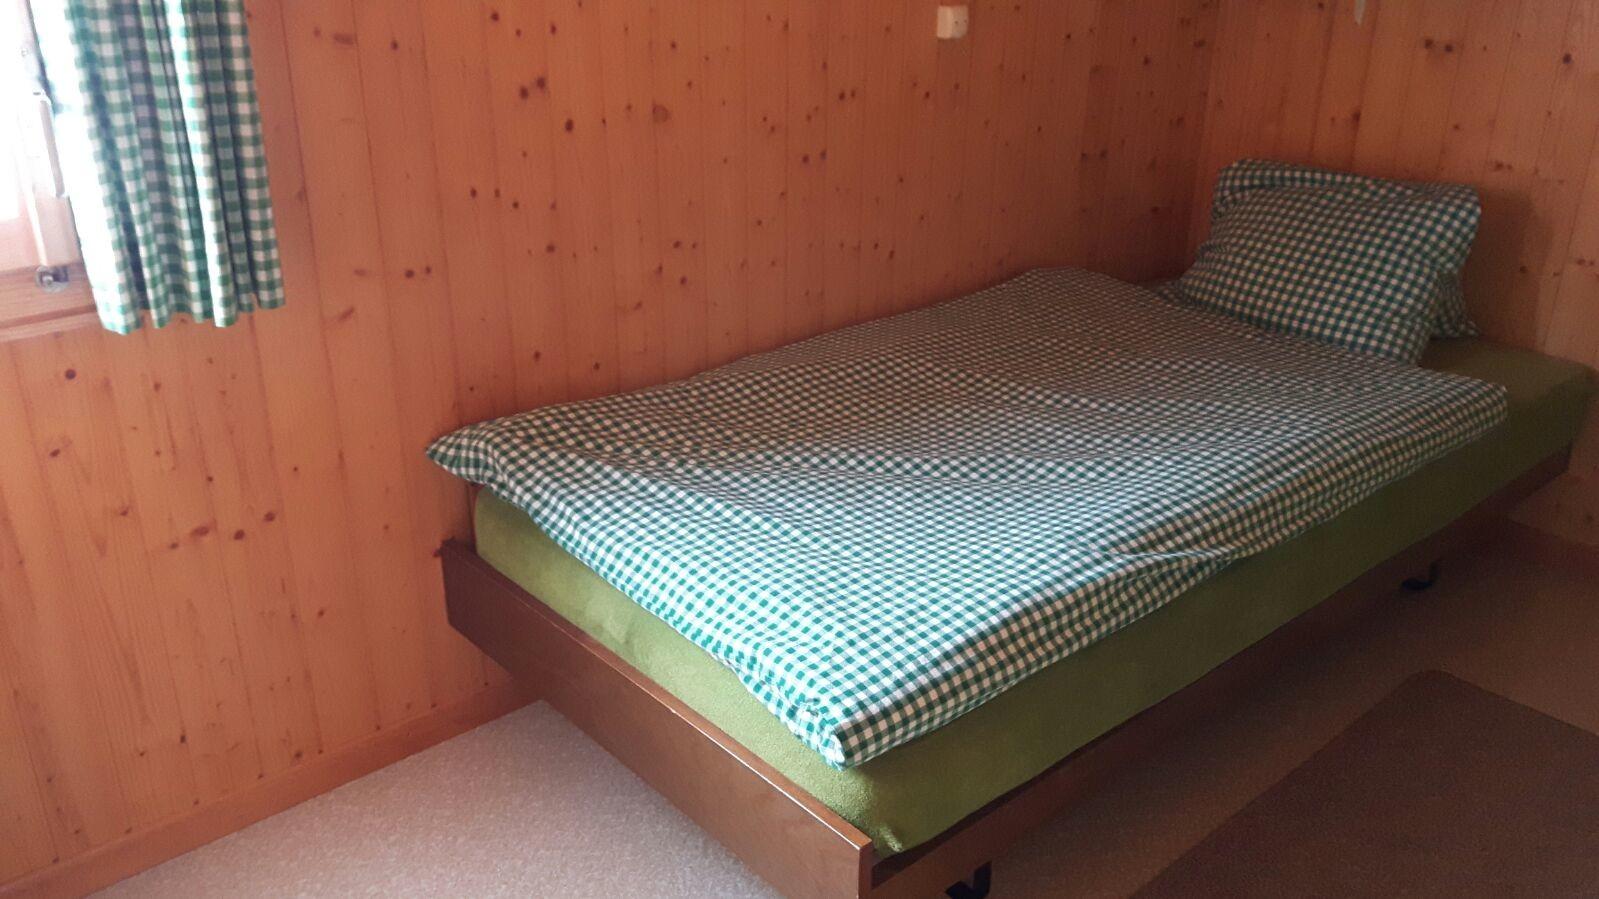 Grünes Schlafzimmer 1 Bett + 1 Matratze